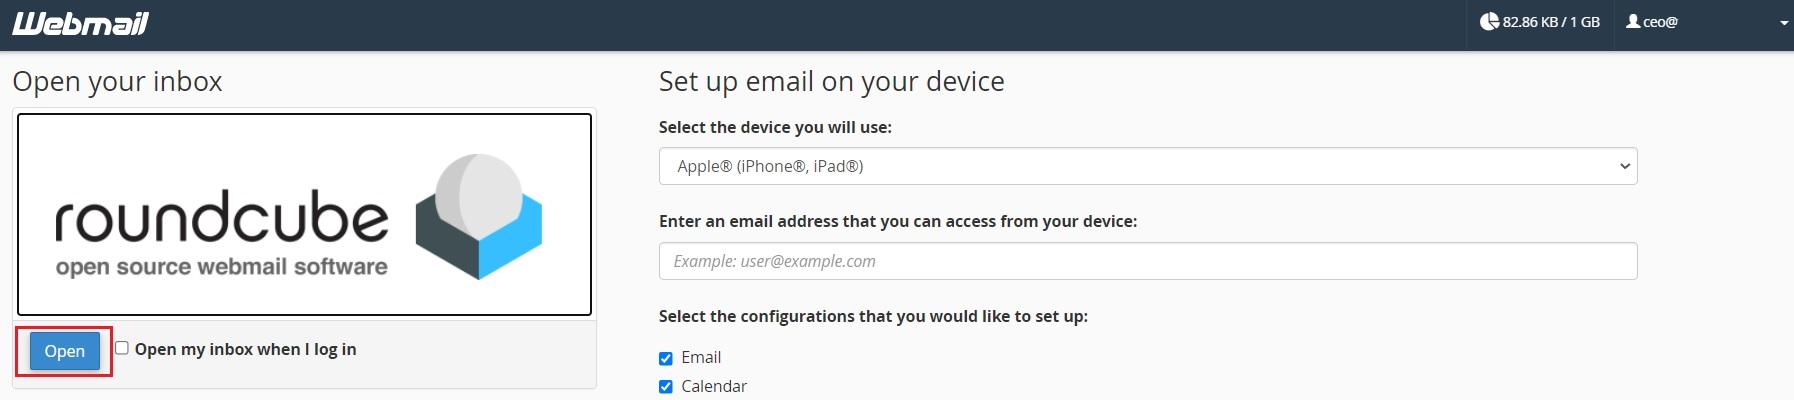 open-webmail